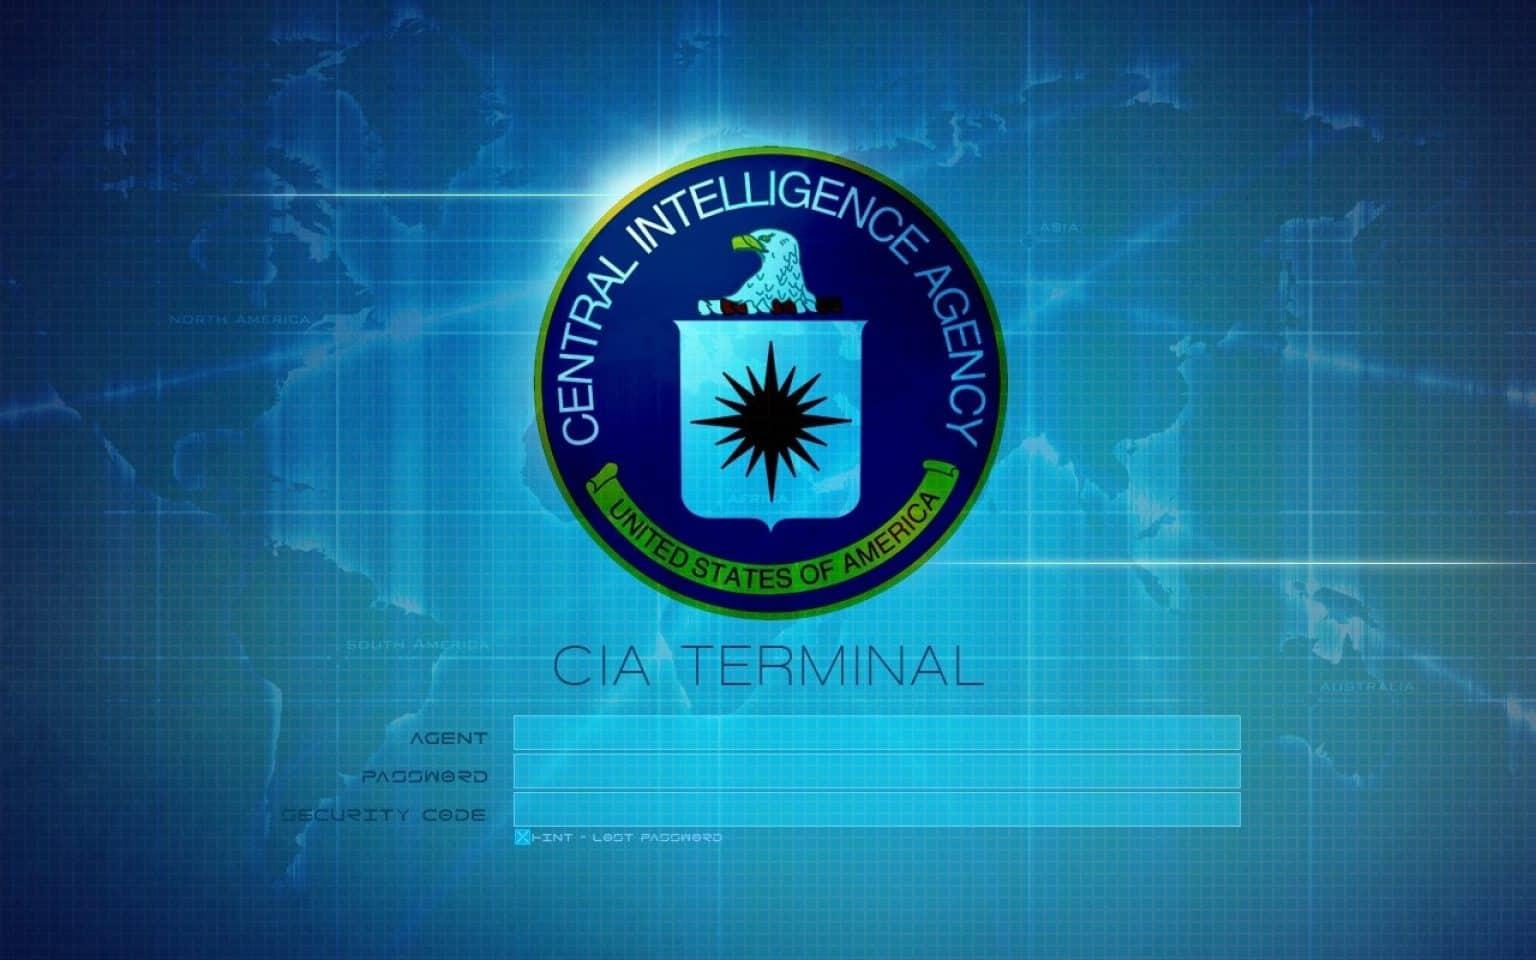 ЦРУ открыло подразделение для изучения технологии блокчейн